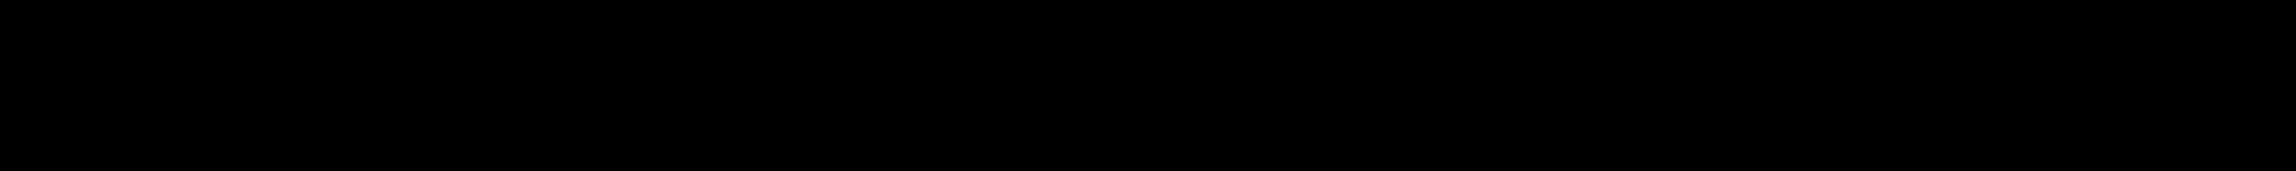 Legend Of Zelda Fonts Fontspace